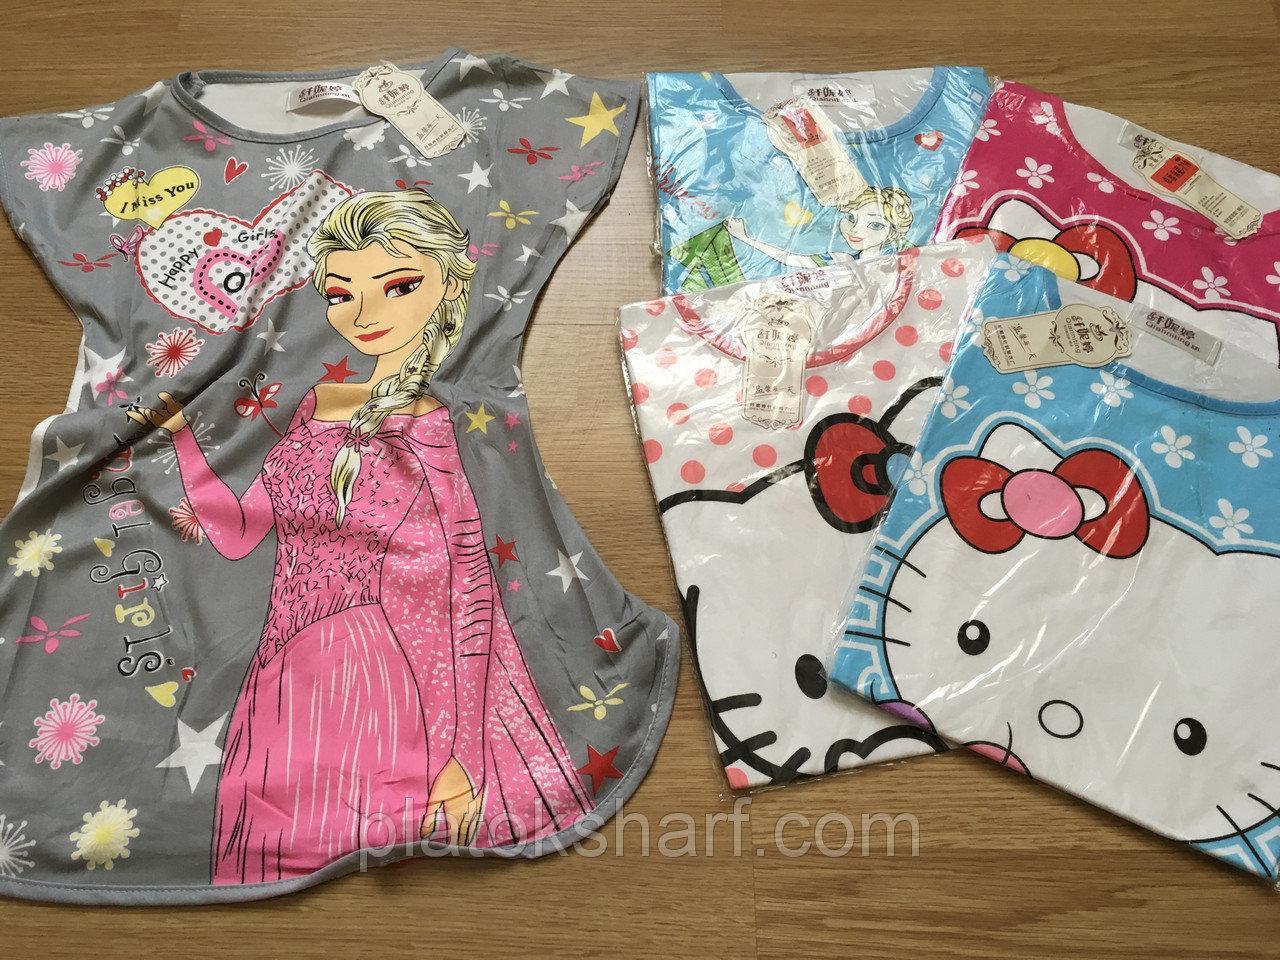 Пижамы детские, Ночнушки для девочек до 9 лет